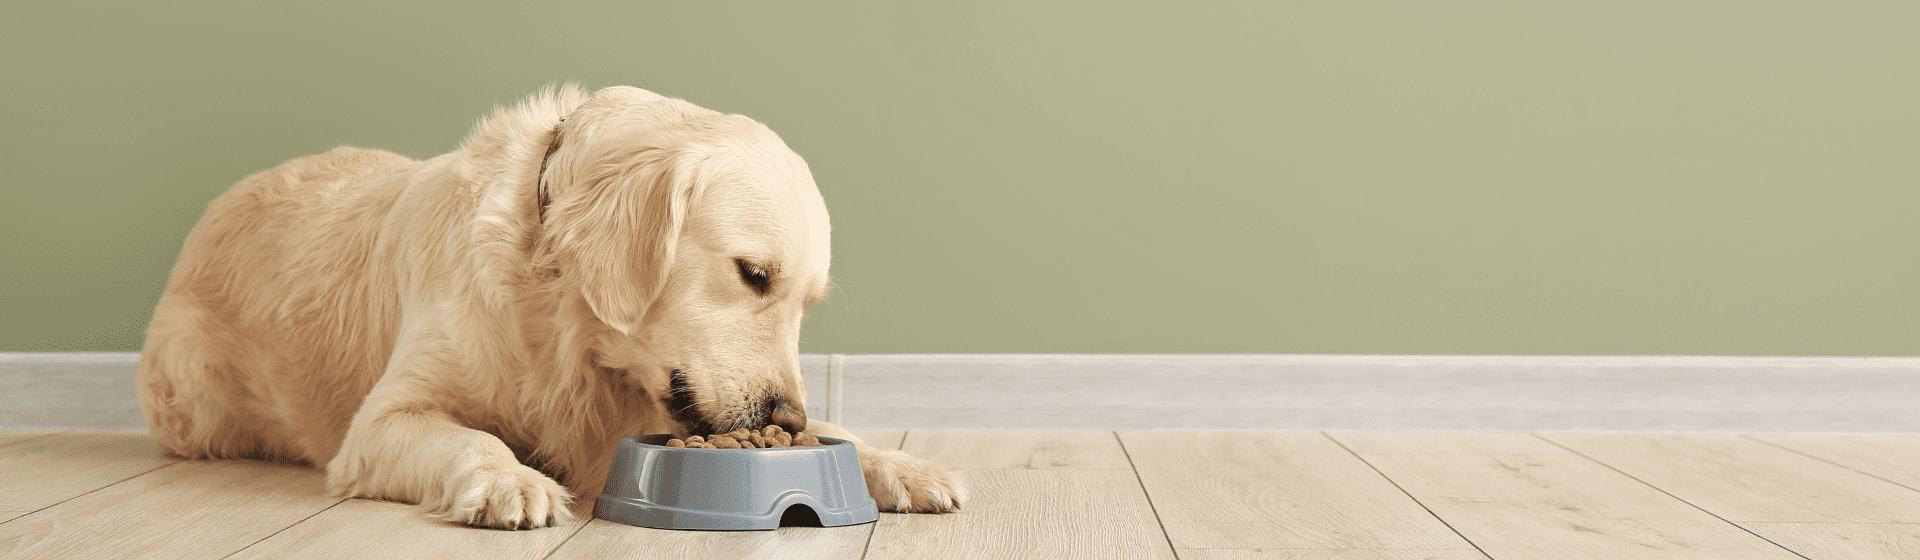 Comedouro para cachorro: qual é o melhor para cães?